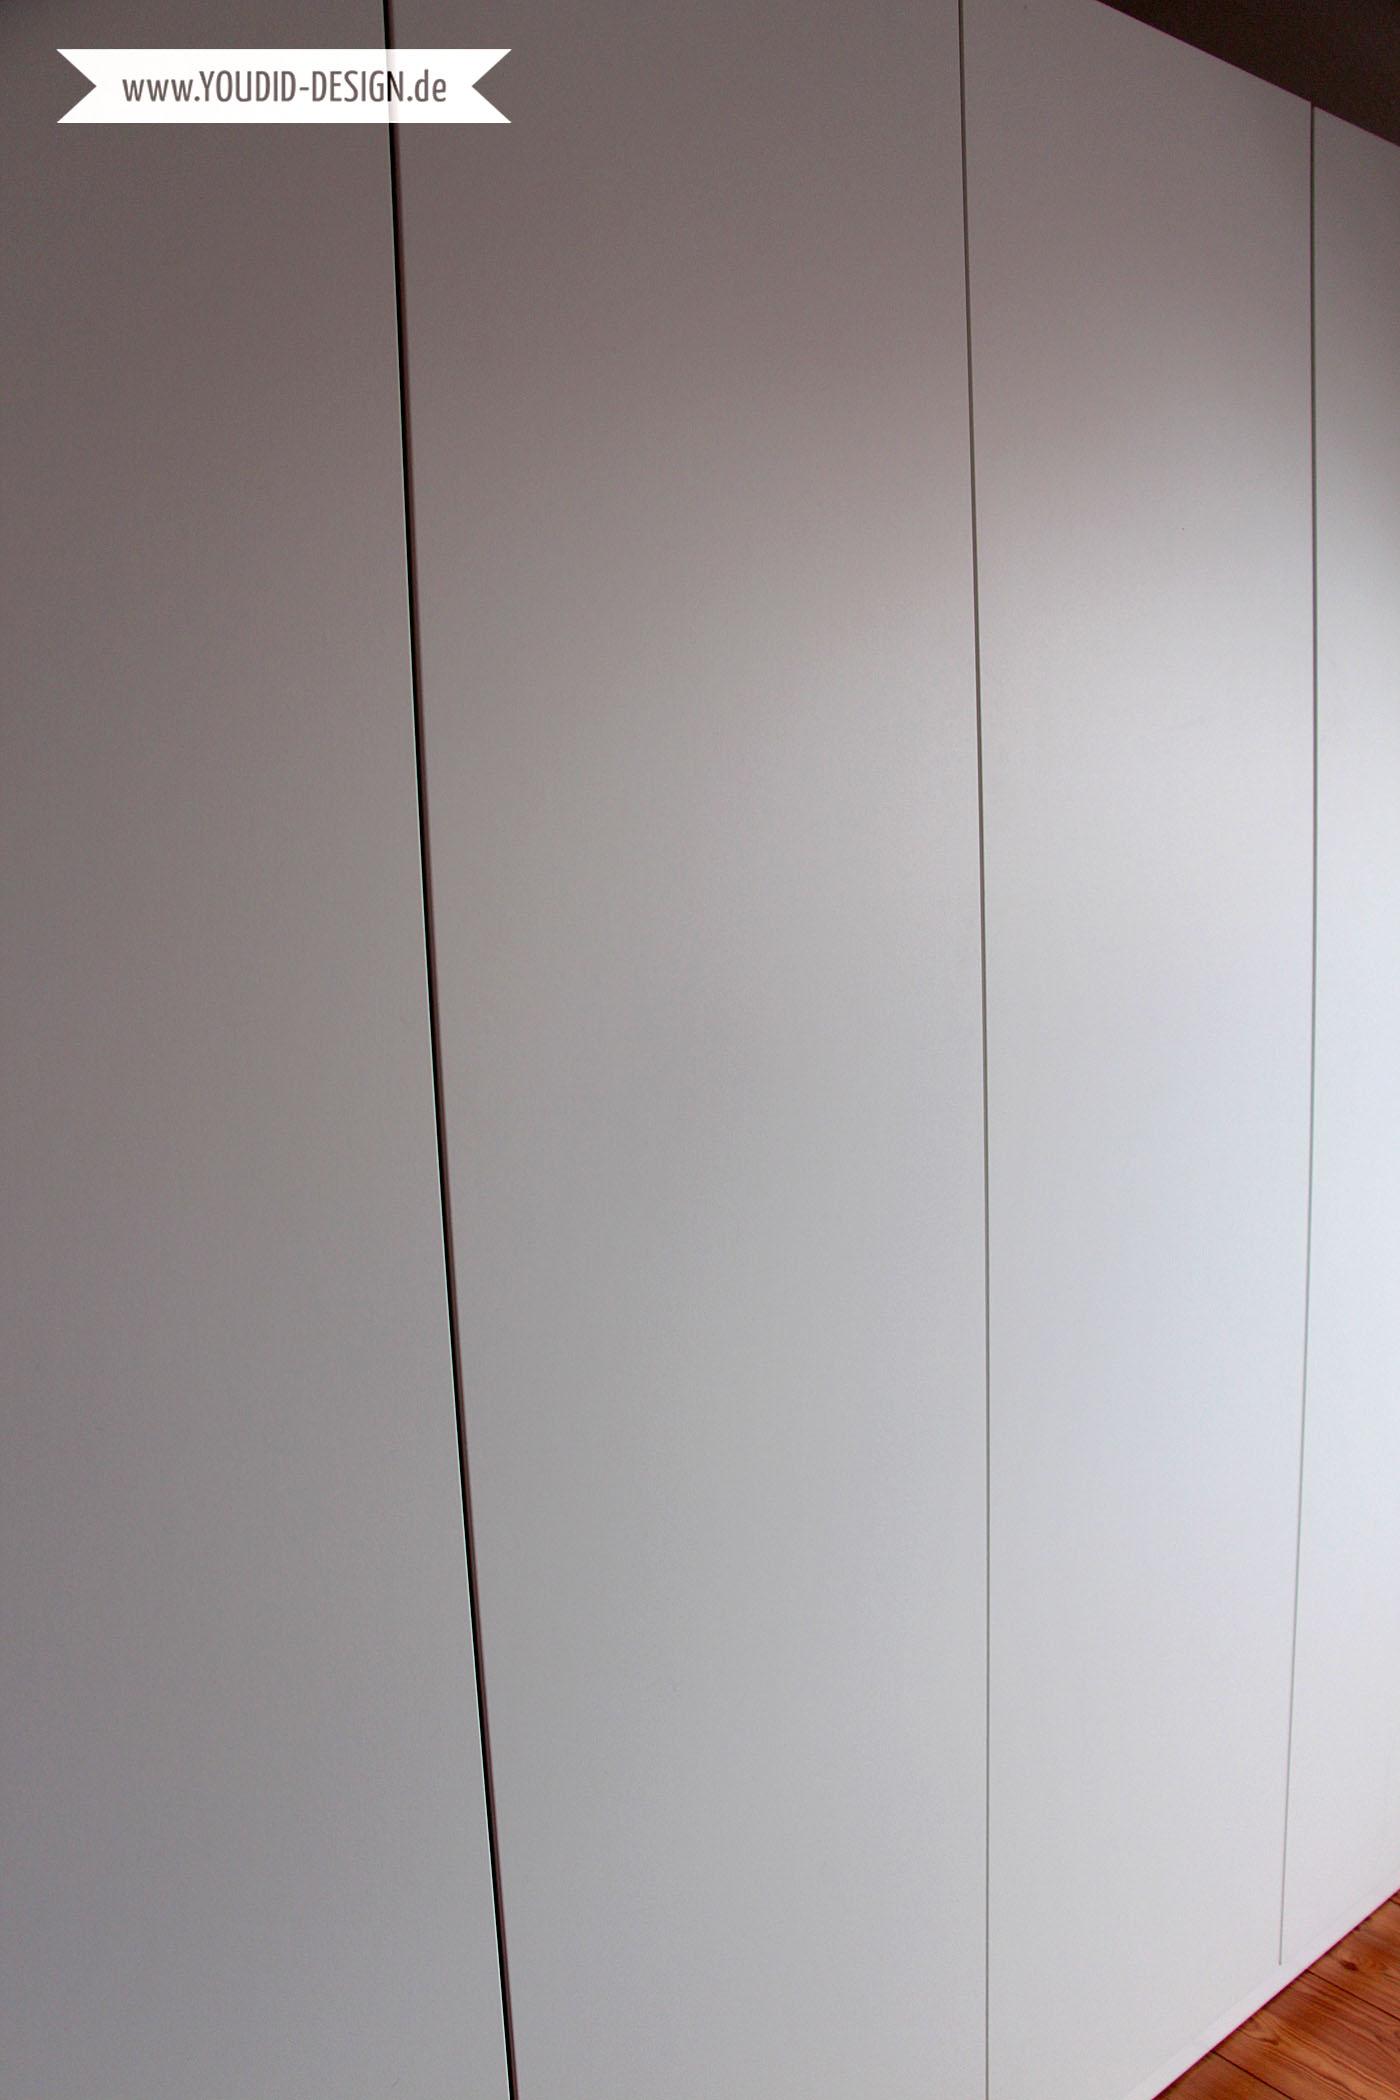 Ikea Hack Pax Kleiderschrank Makeover Mit Beadboard